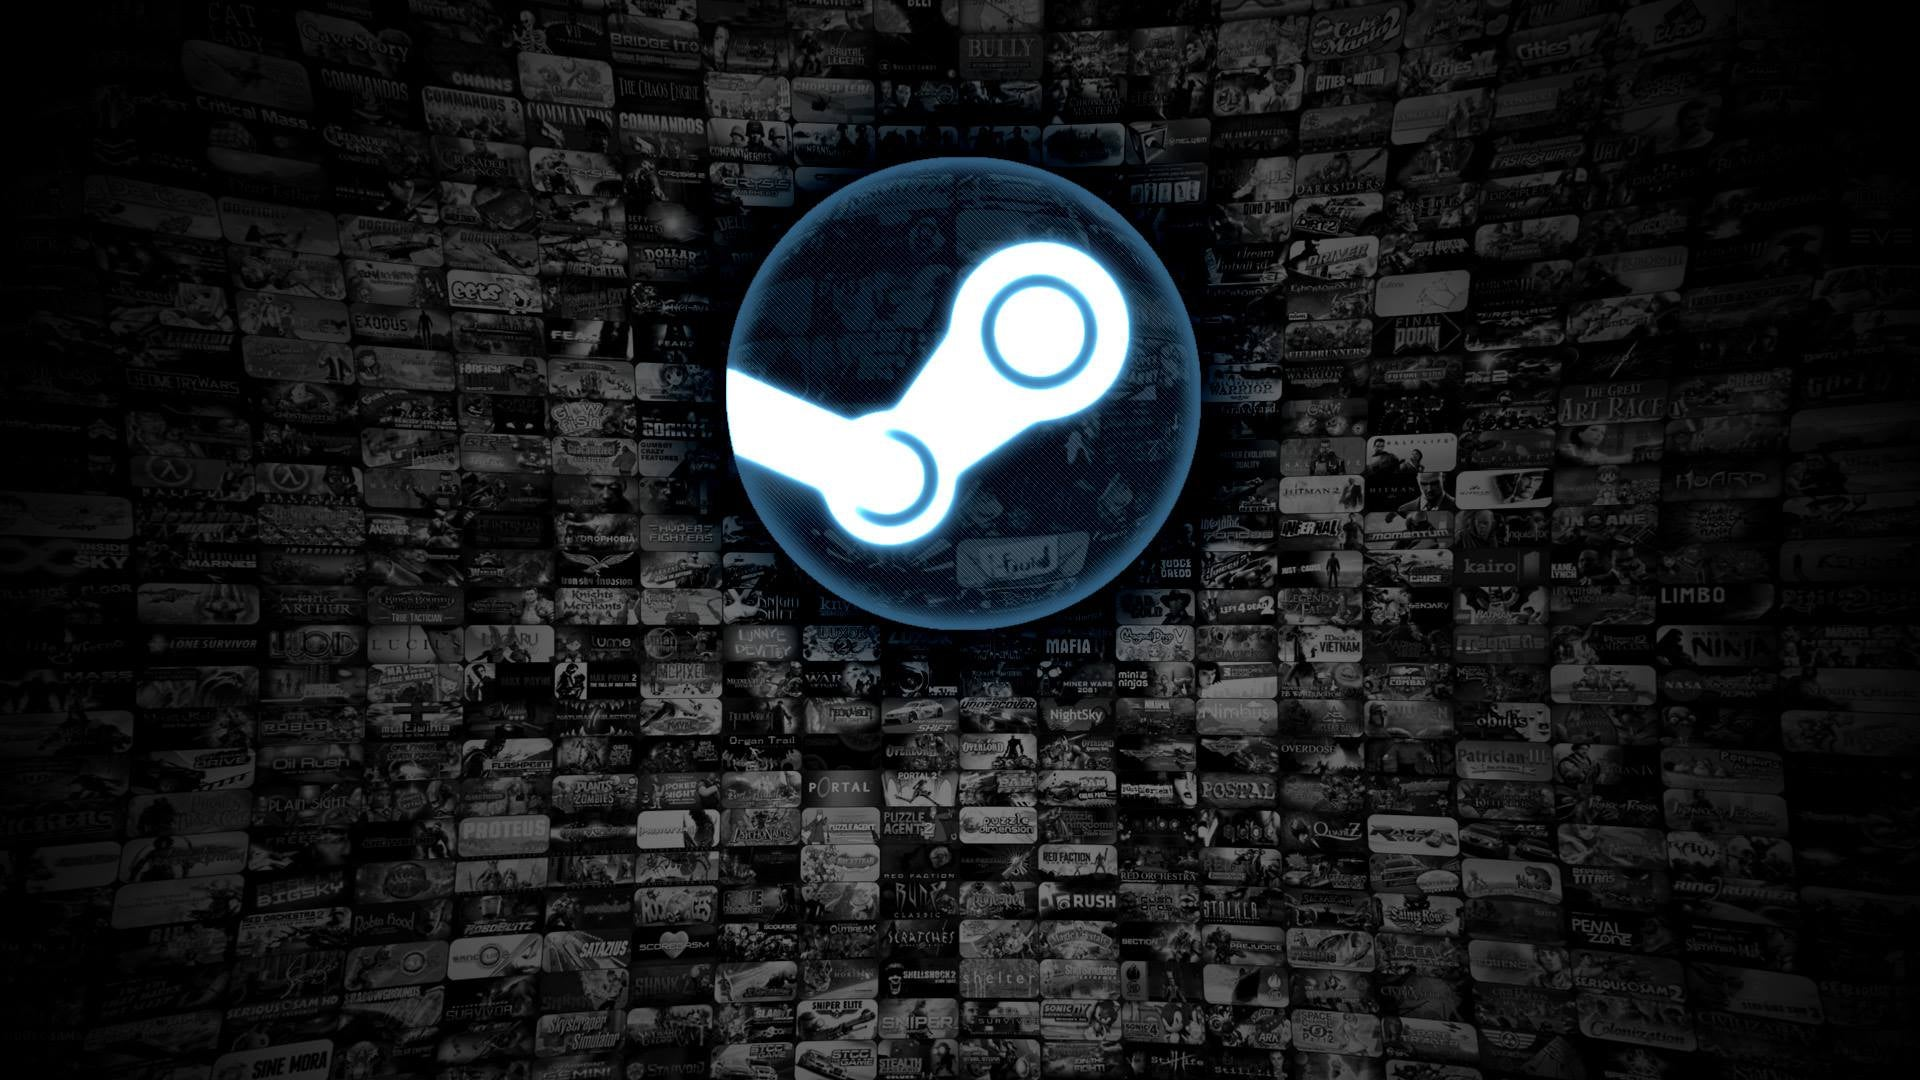 אירוע ה-Steam Summer Sale 2016 יתחיל ככל הנראה ב-23 ביוני